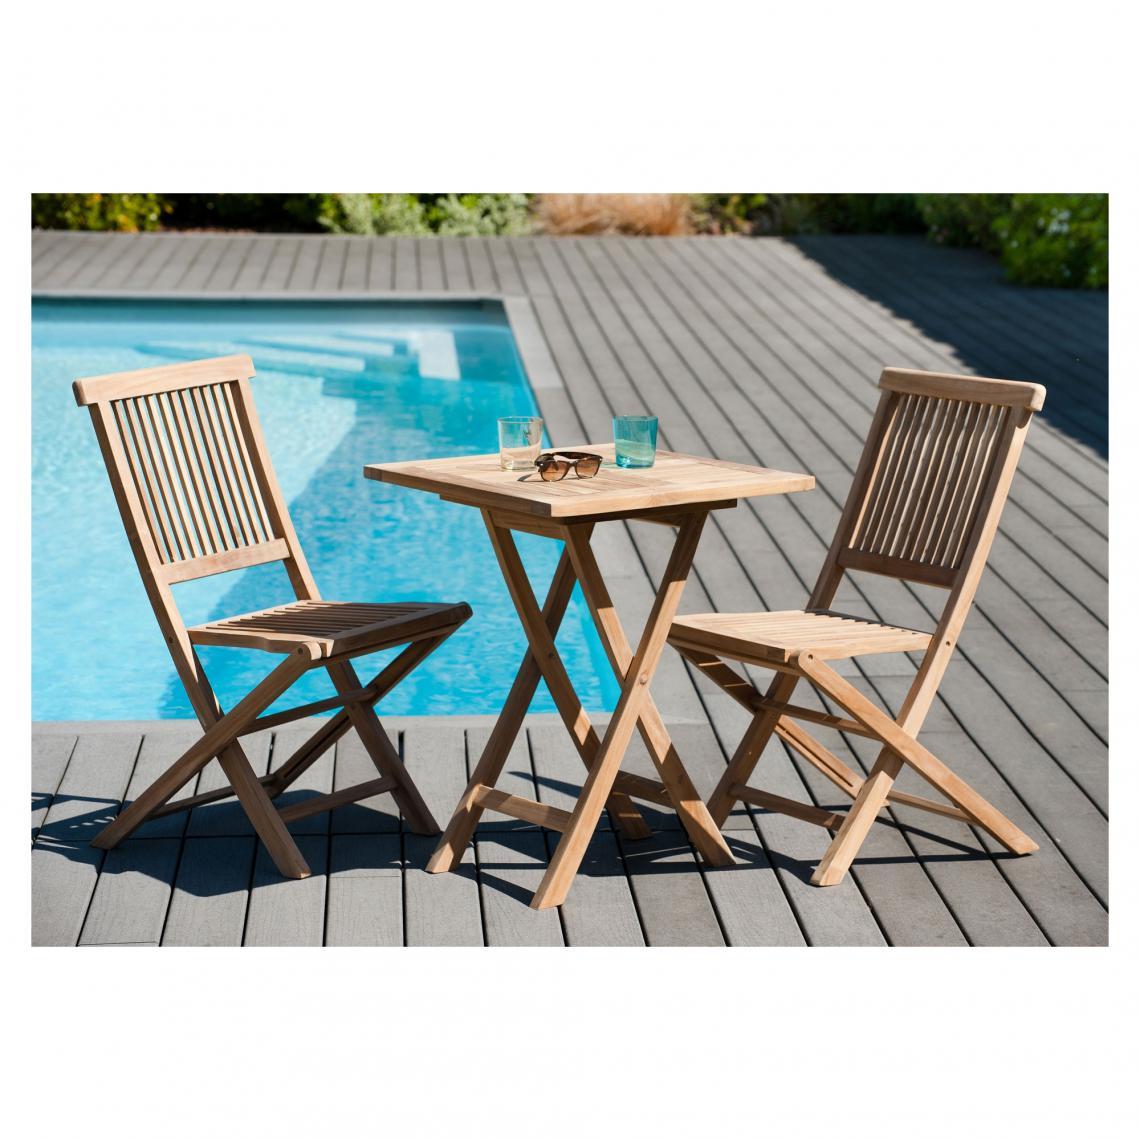 salon de jardin en bois teck 2 personnes ensemble de jardin 1 table carree pliante 60 cm et 2 chaises